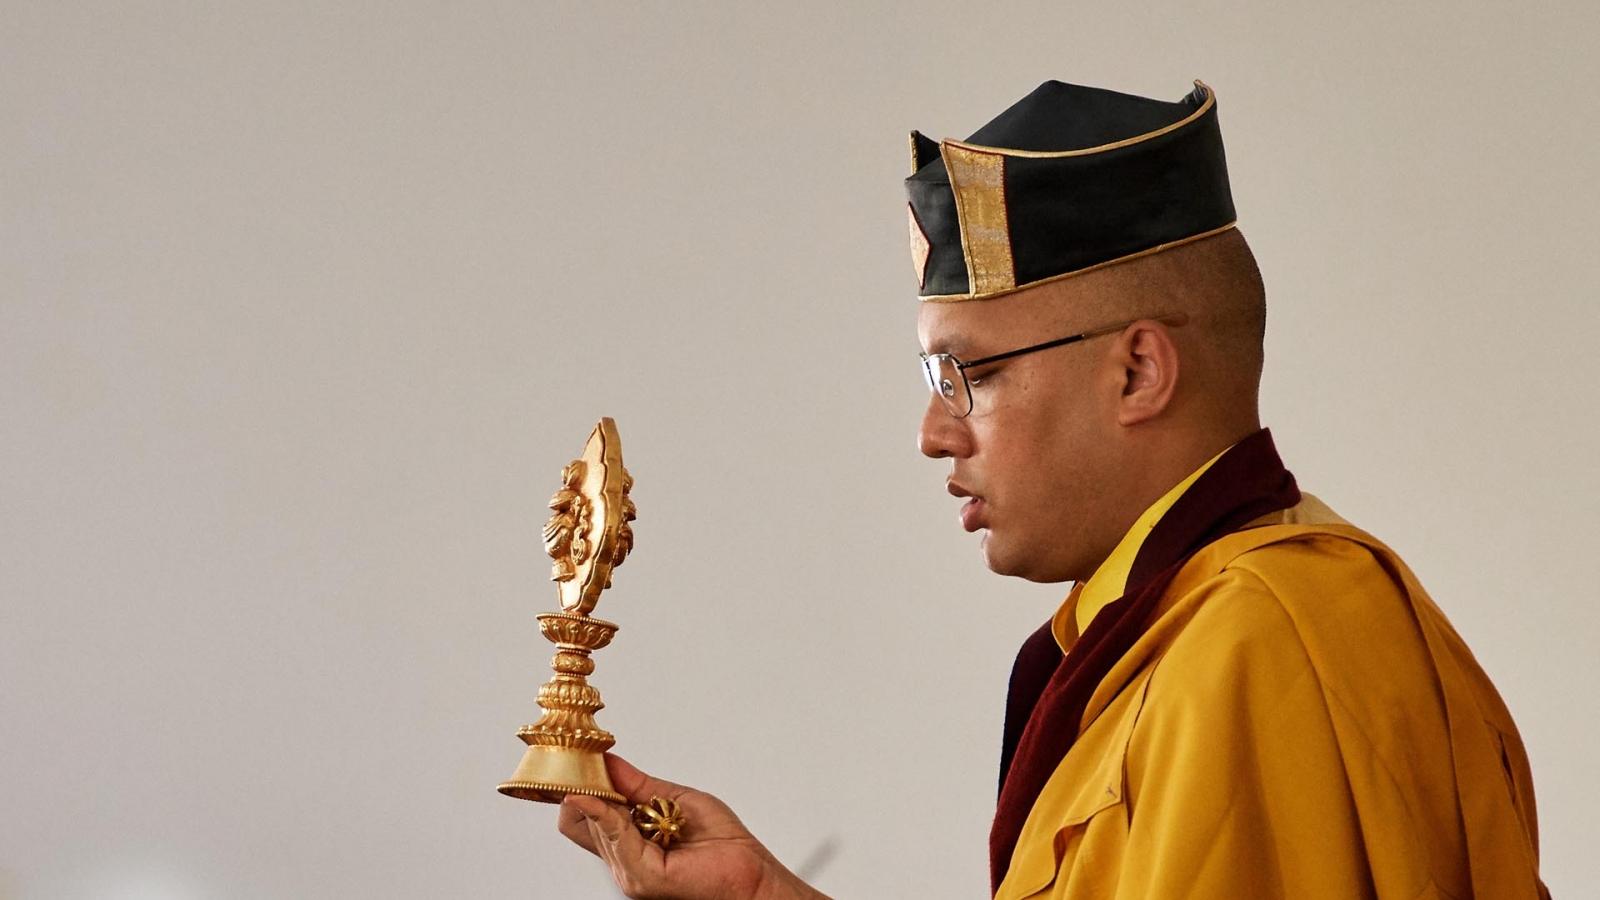 Karmapa wearing hat